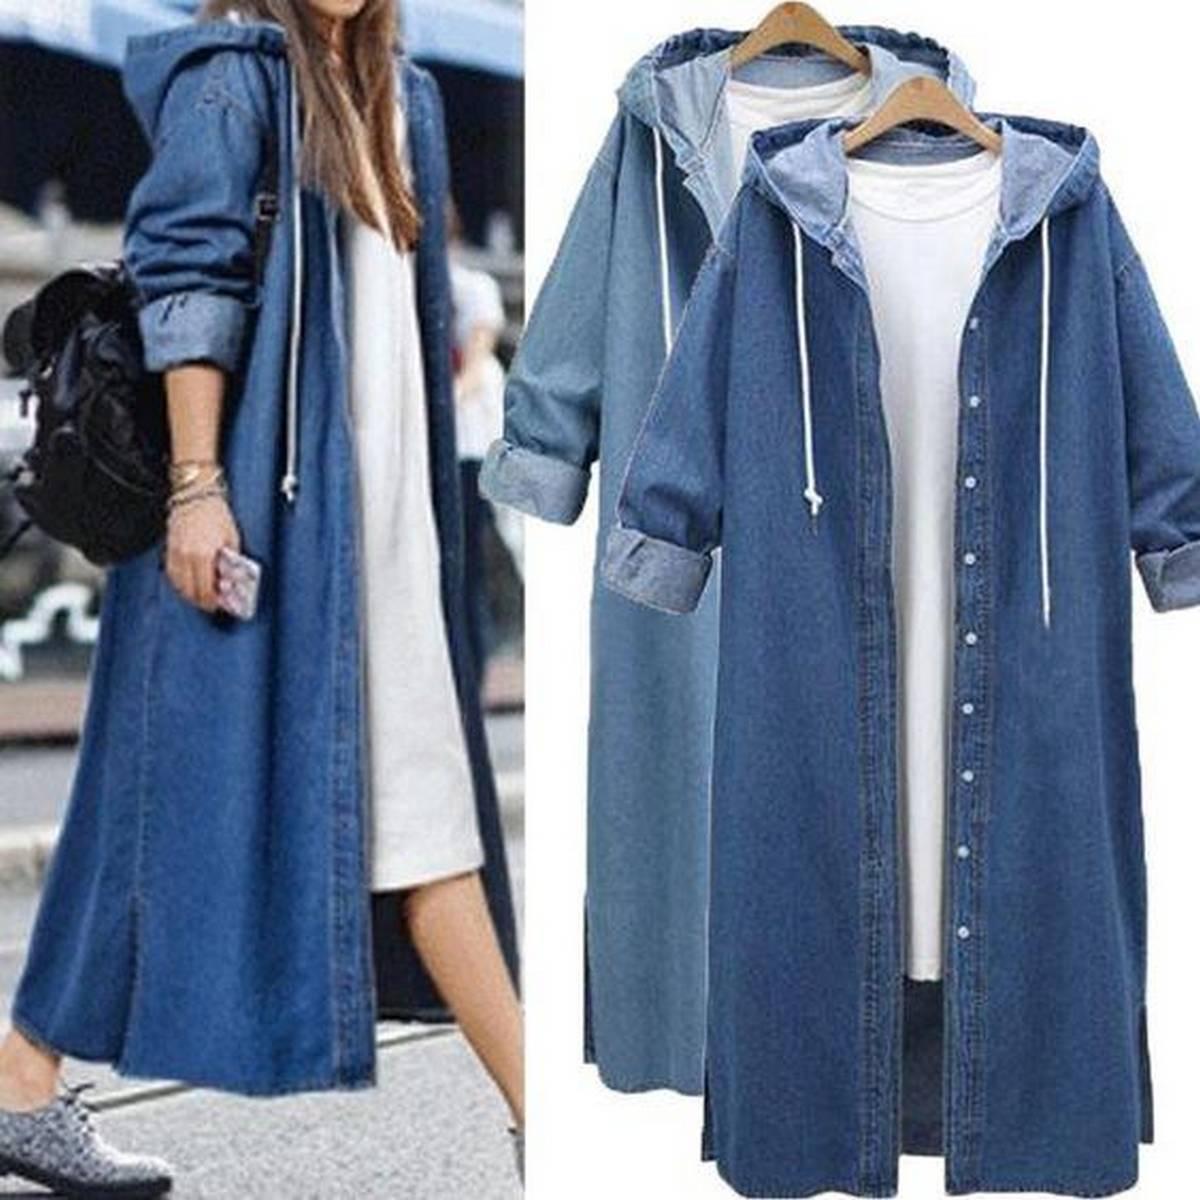 Denim style Top - Denim full hoody for Women